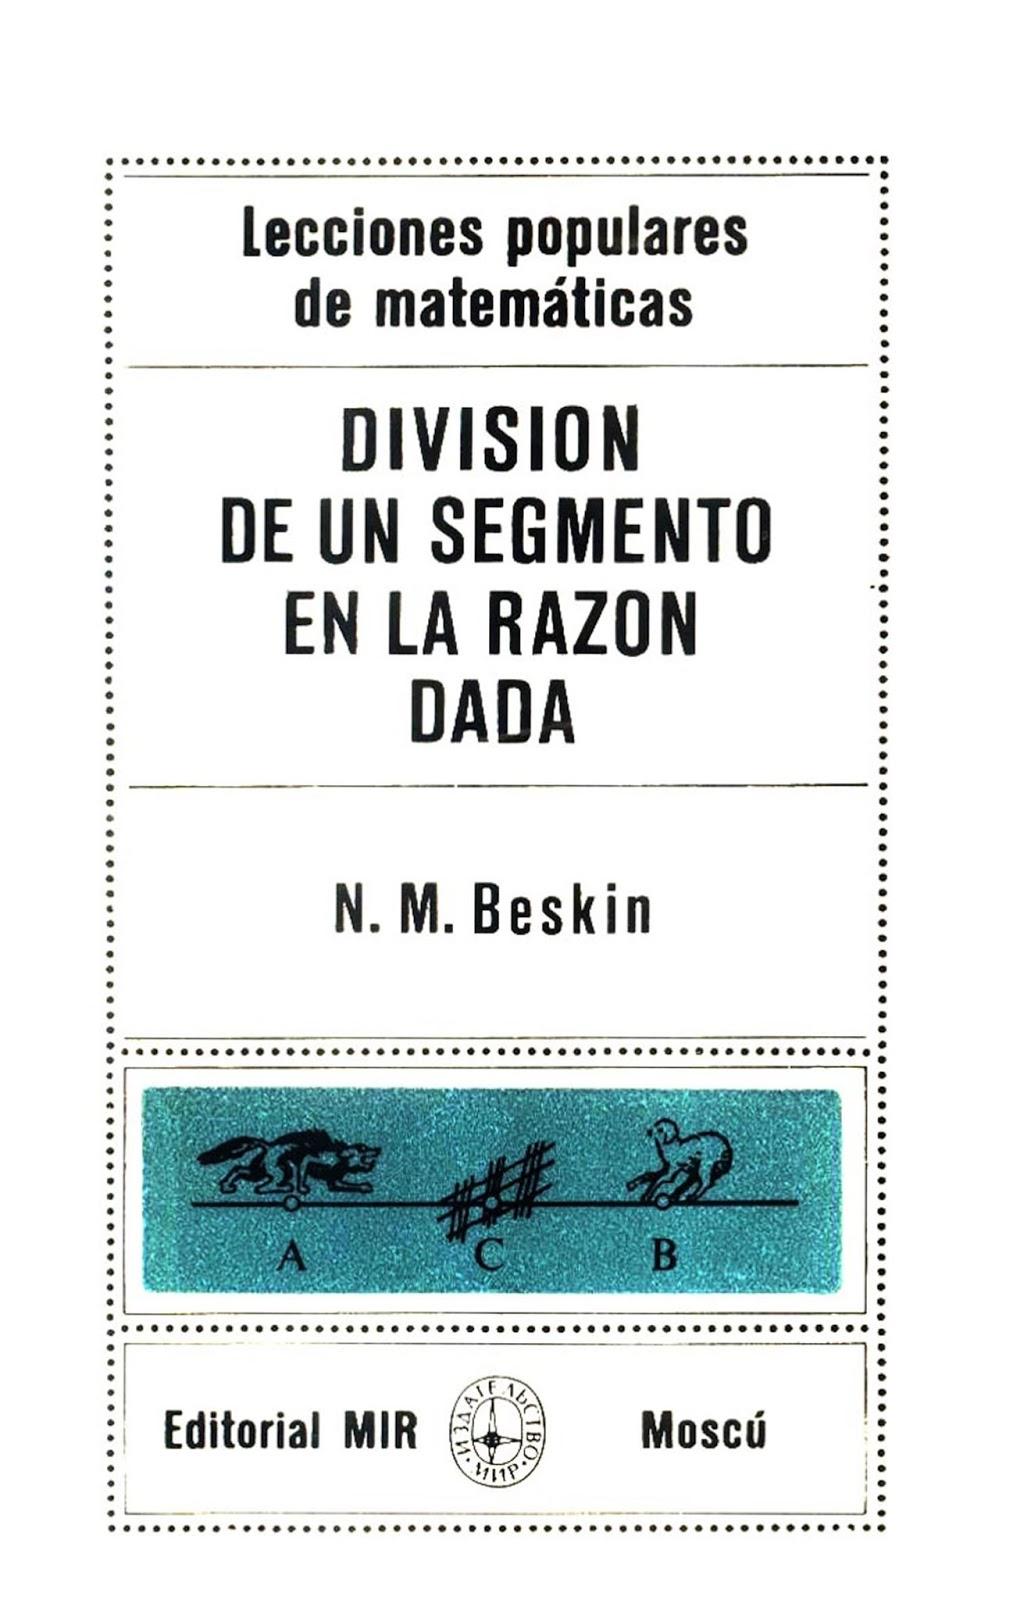 División de un segmento en la razón dada – N. M. Beskin